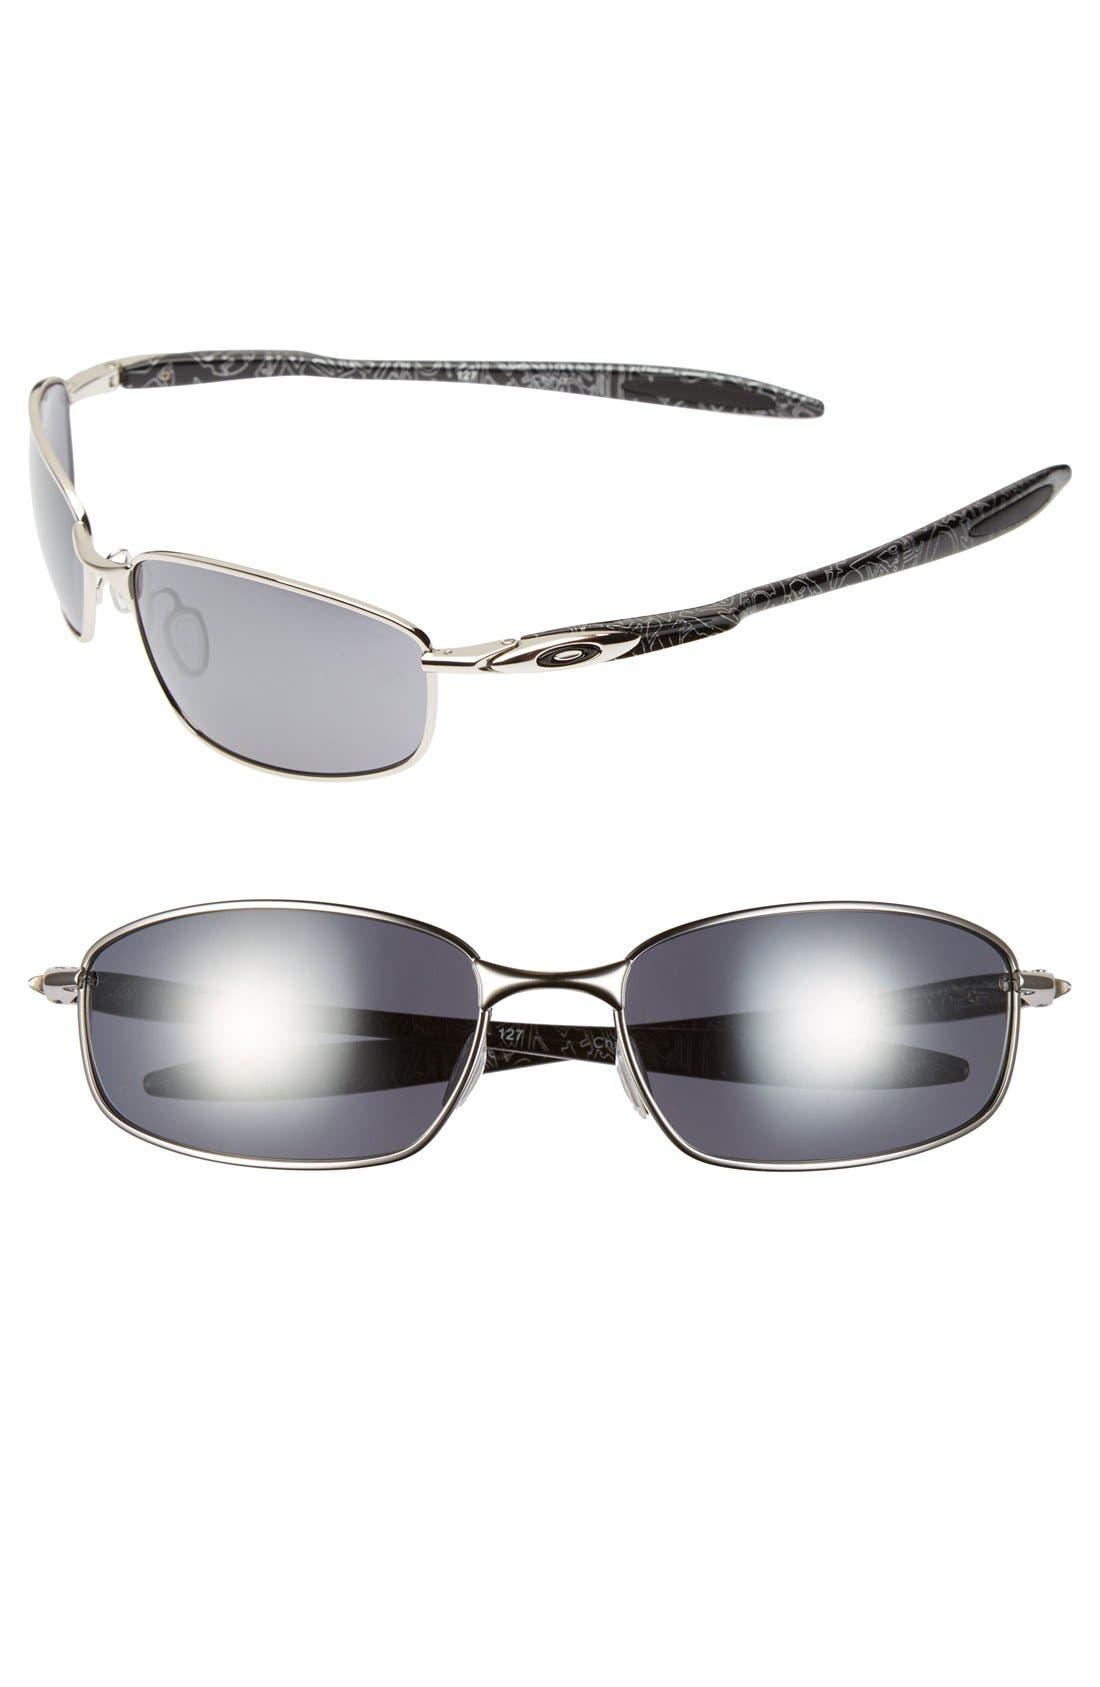 Main Image - Oakley 'Blender' Sunglasses